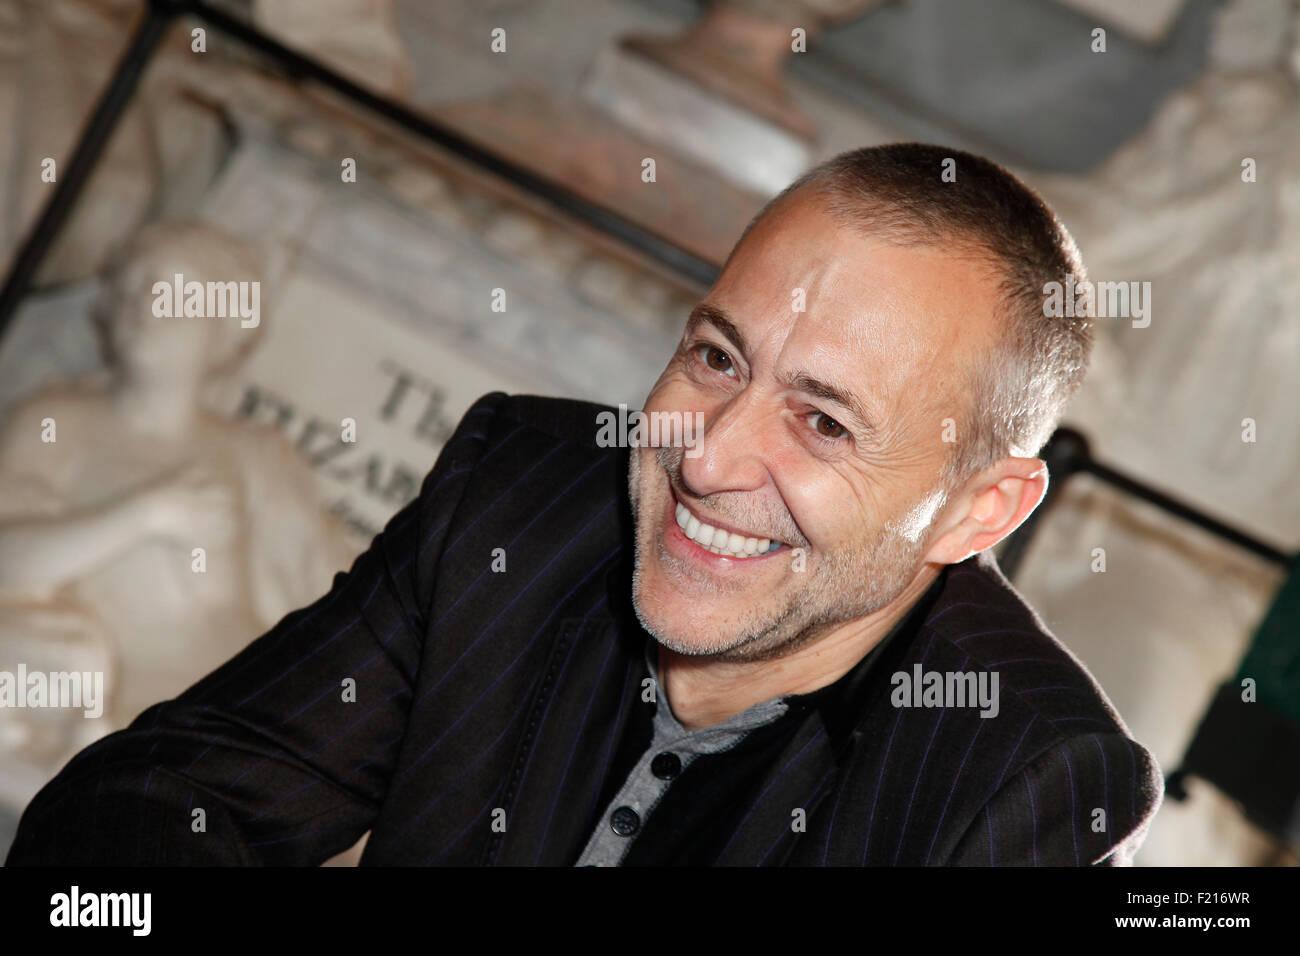 Persone famose, celebrity chef Michel Roux Junior. Immagini Stock